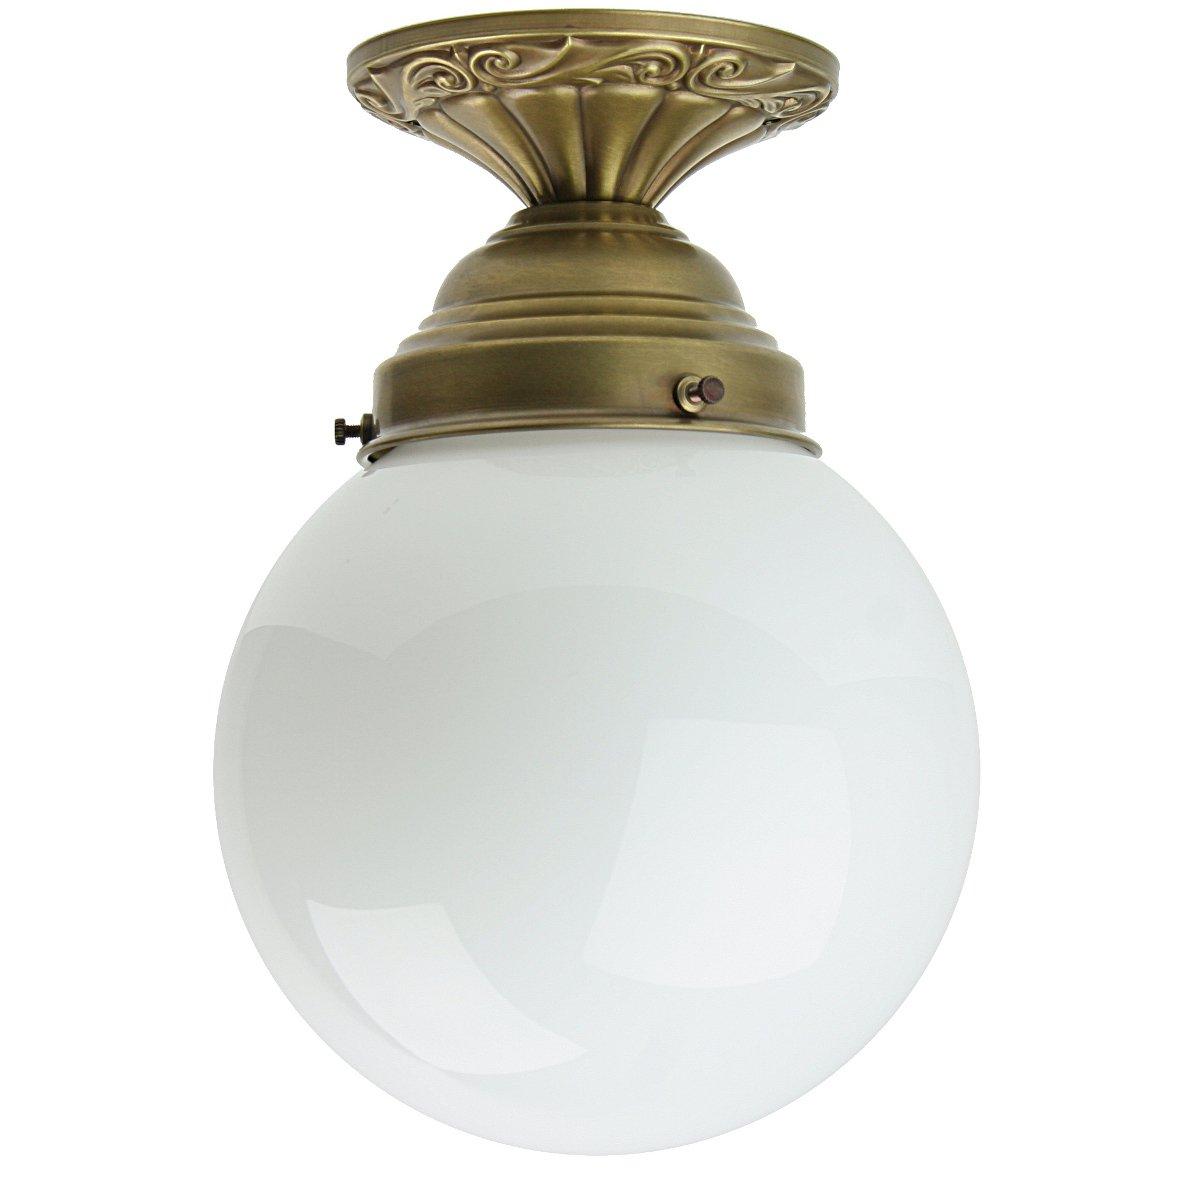 Deckenlampe Im Jugendstil Design Mit Weissem Kugelglas